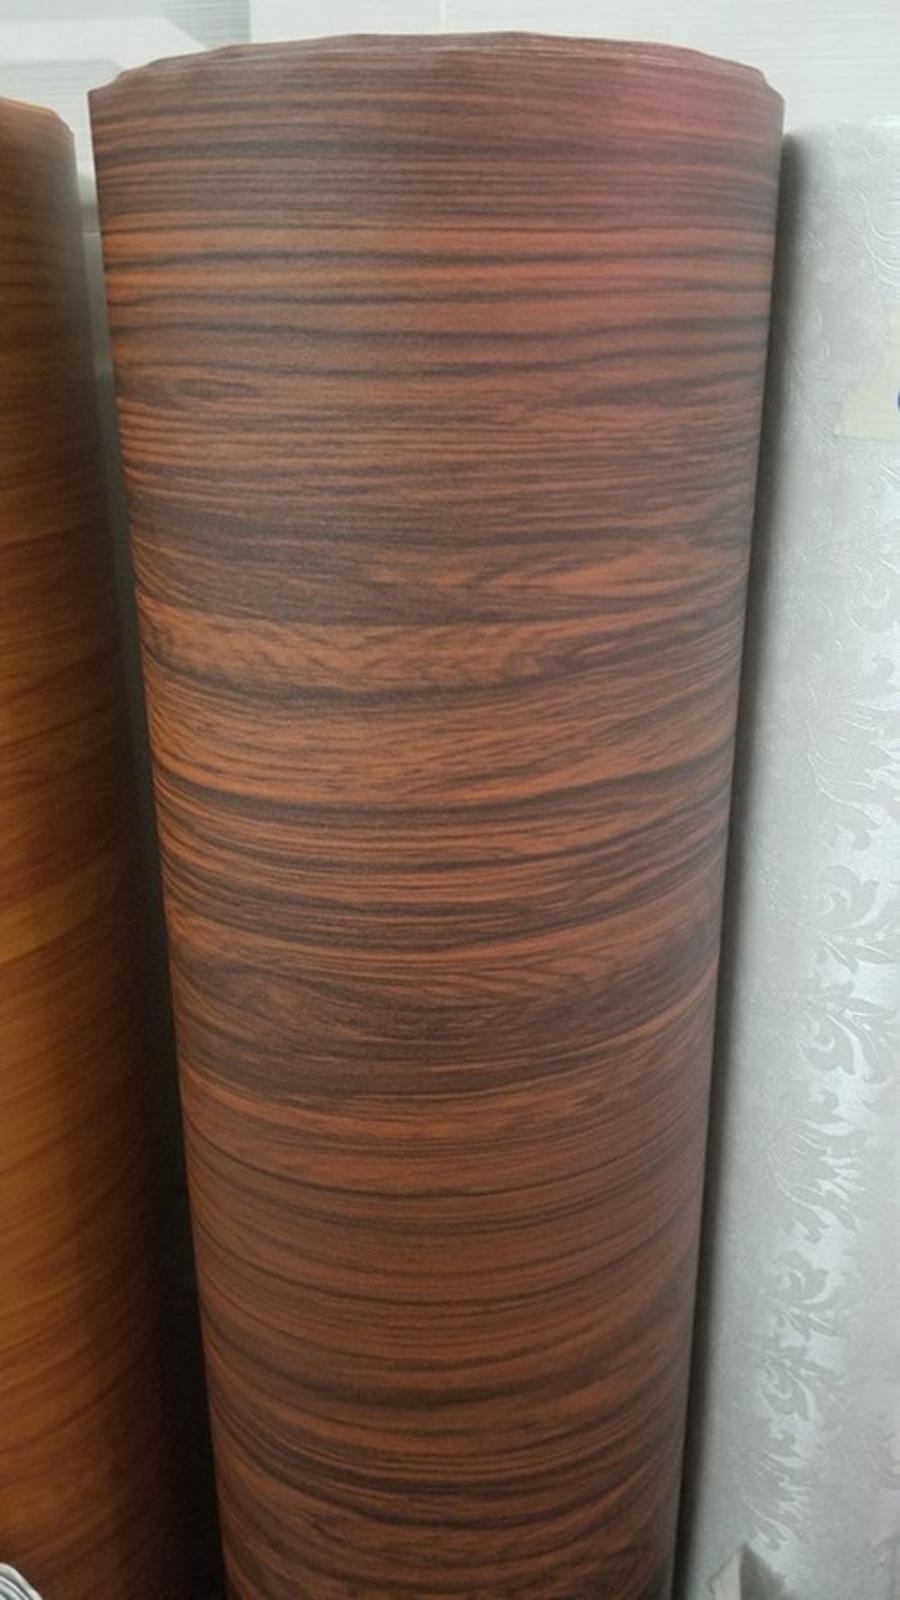 Giấy Decal cuộn giả vân gỗ nâu 2